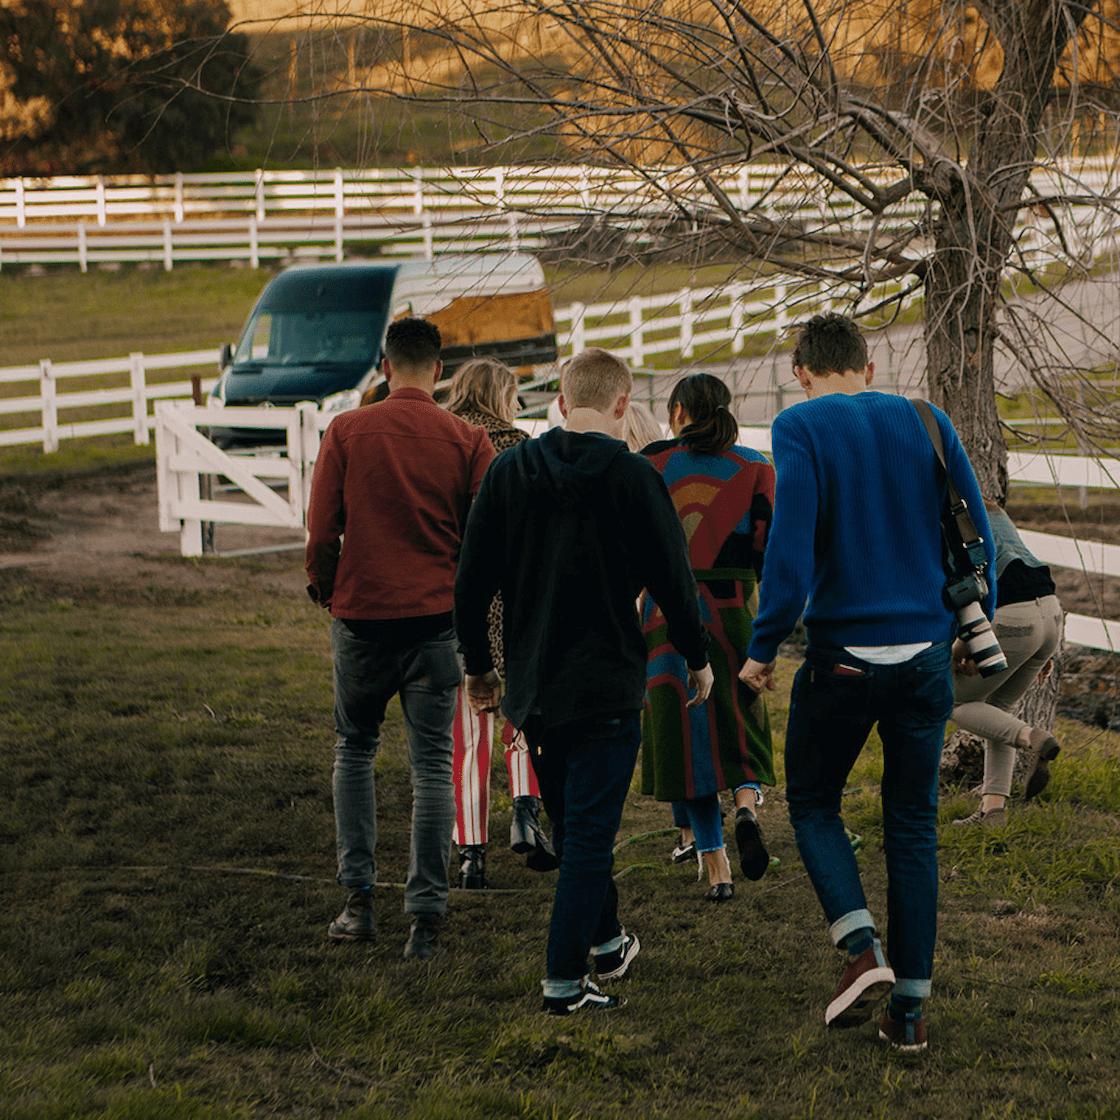 Swoop group of people walking